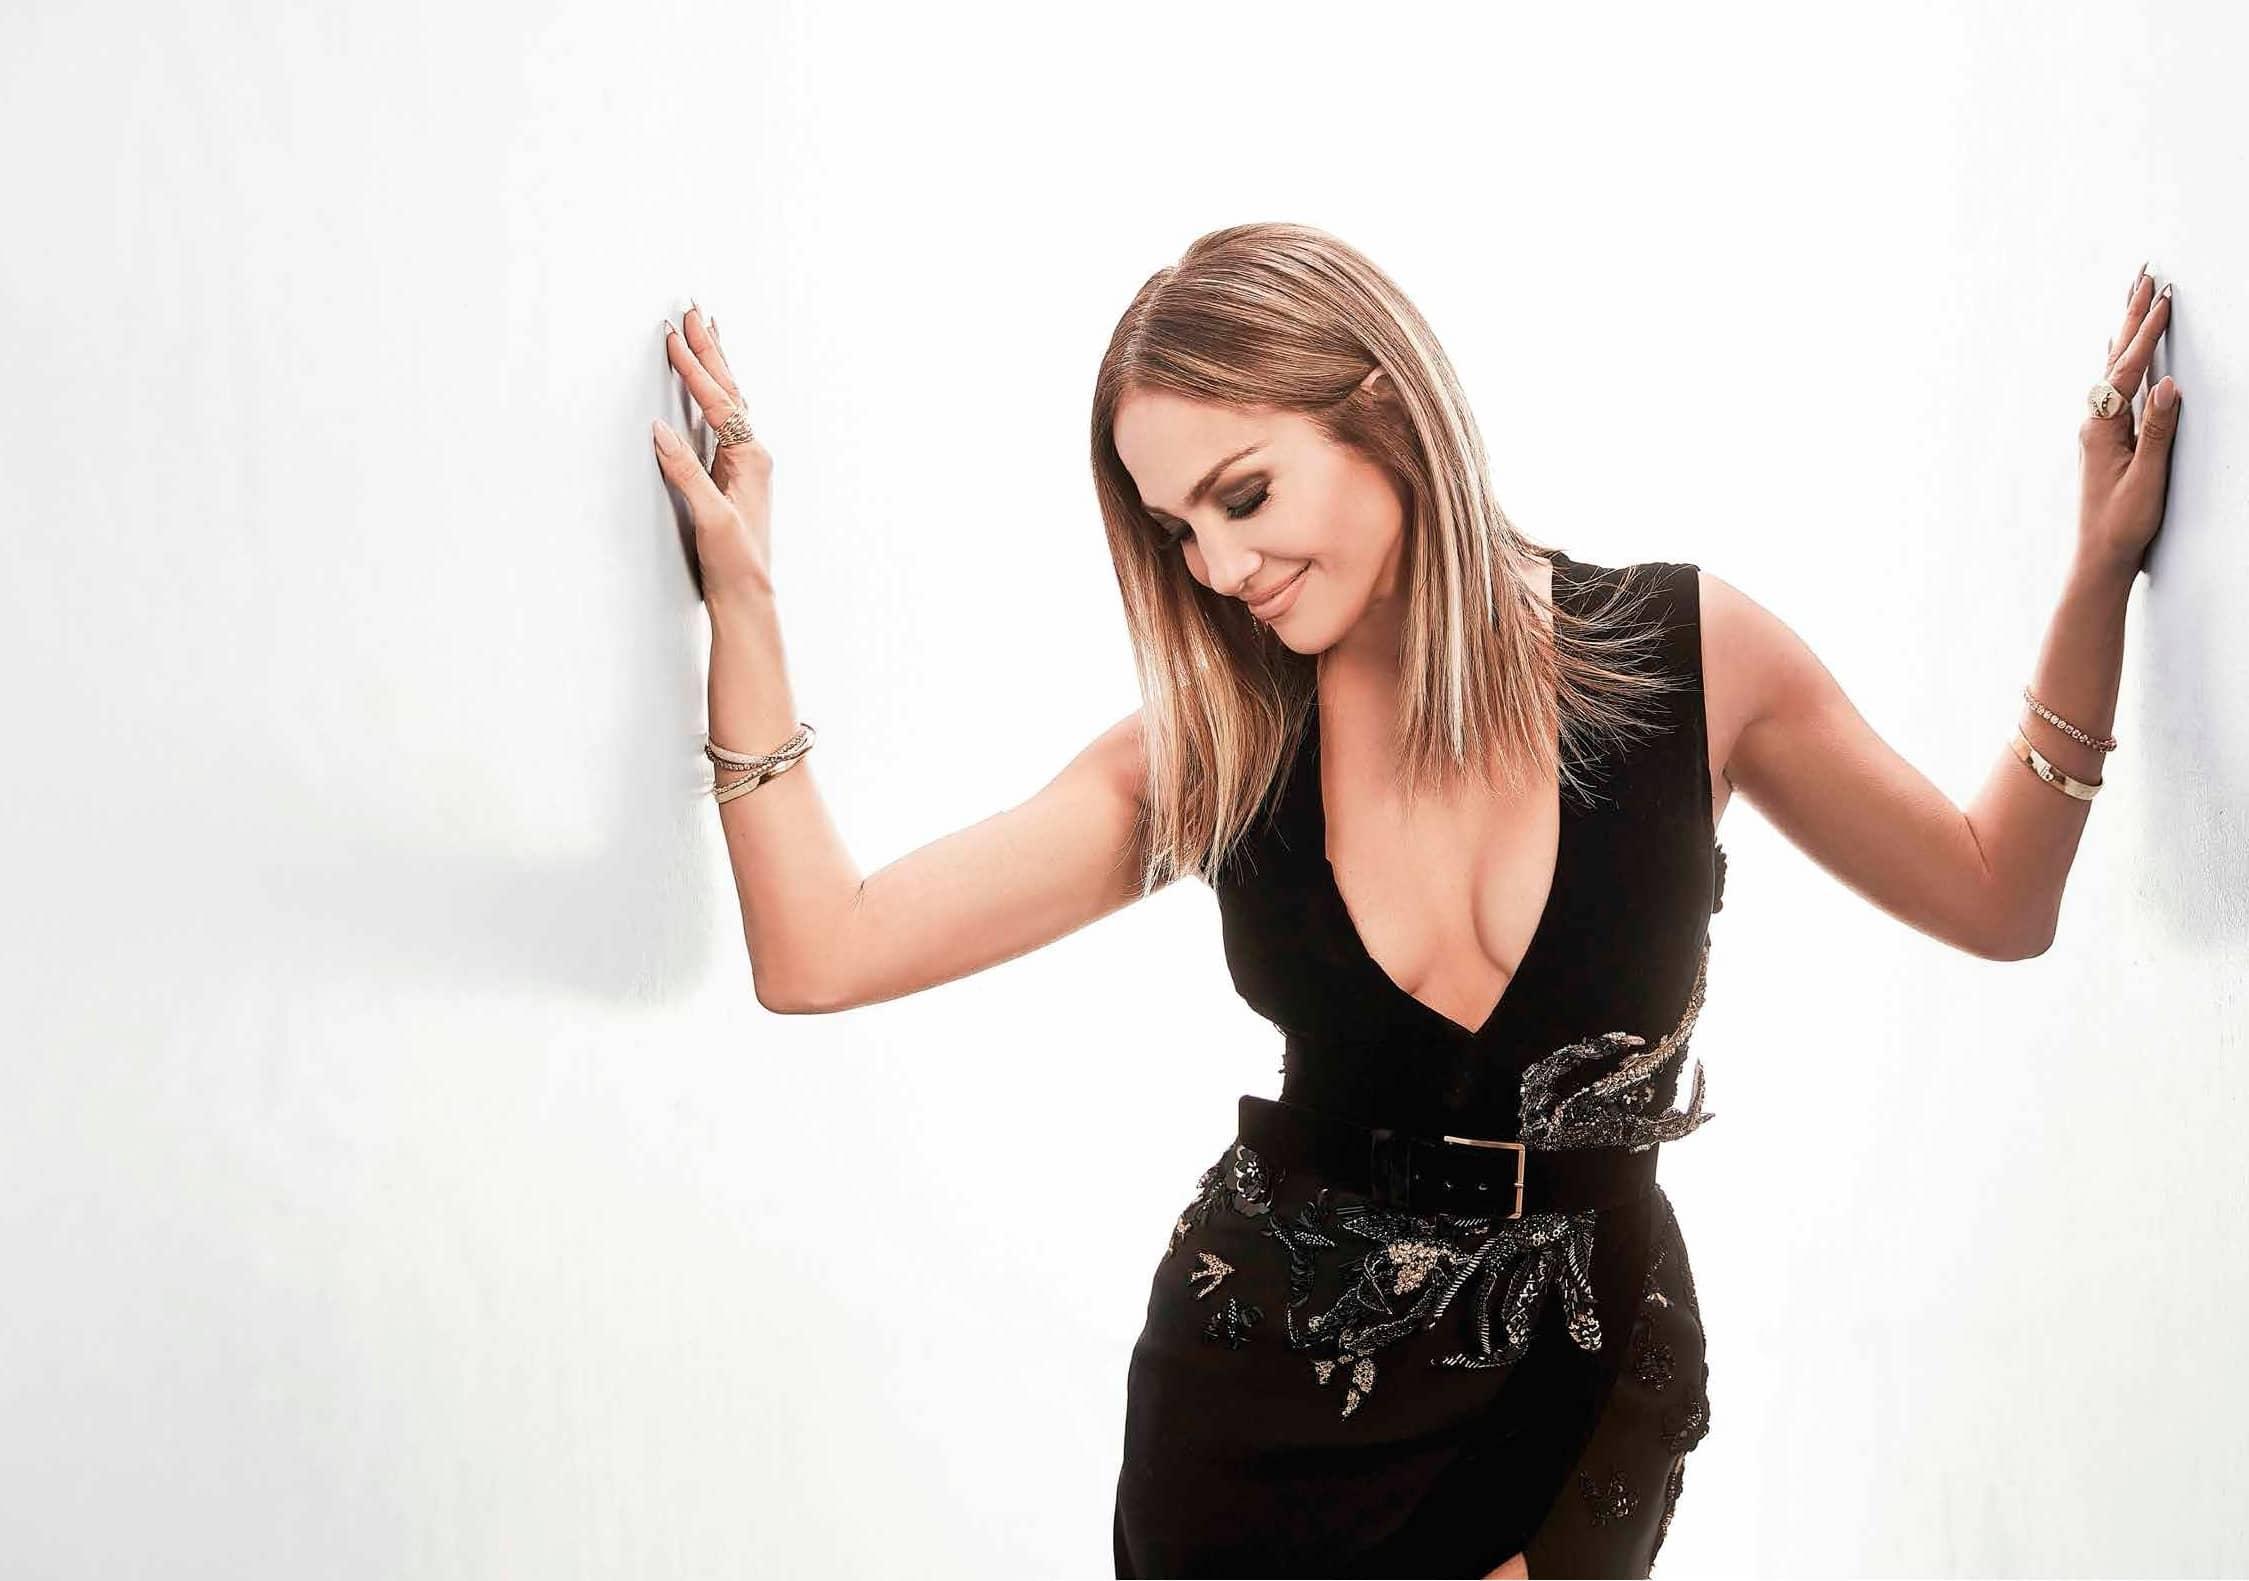 El equilibrio según Jennifer Lopez